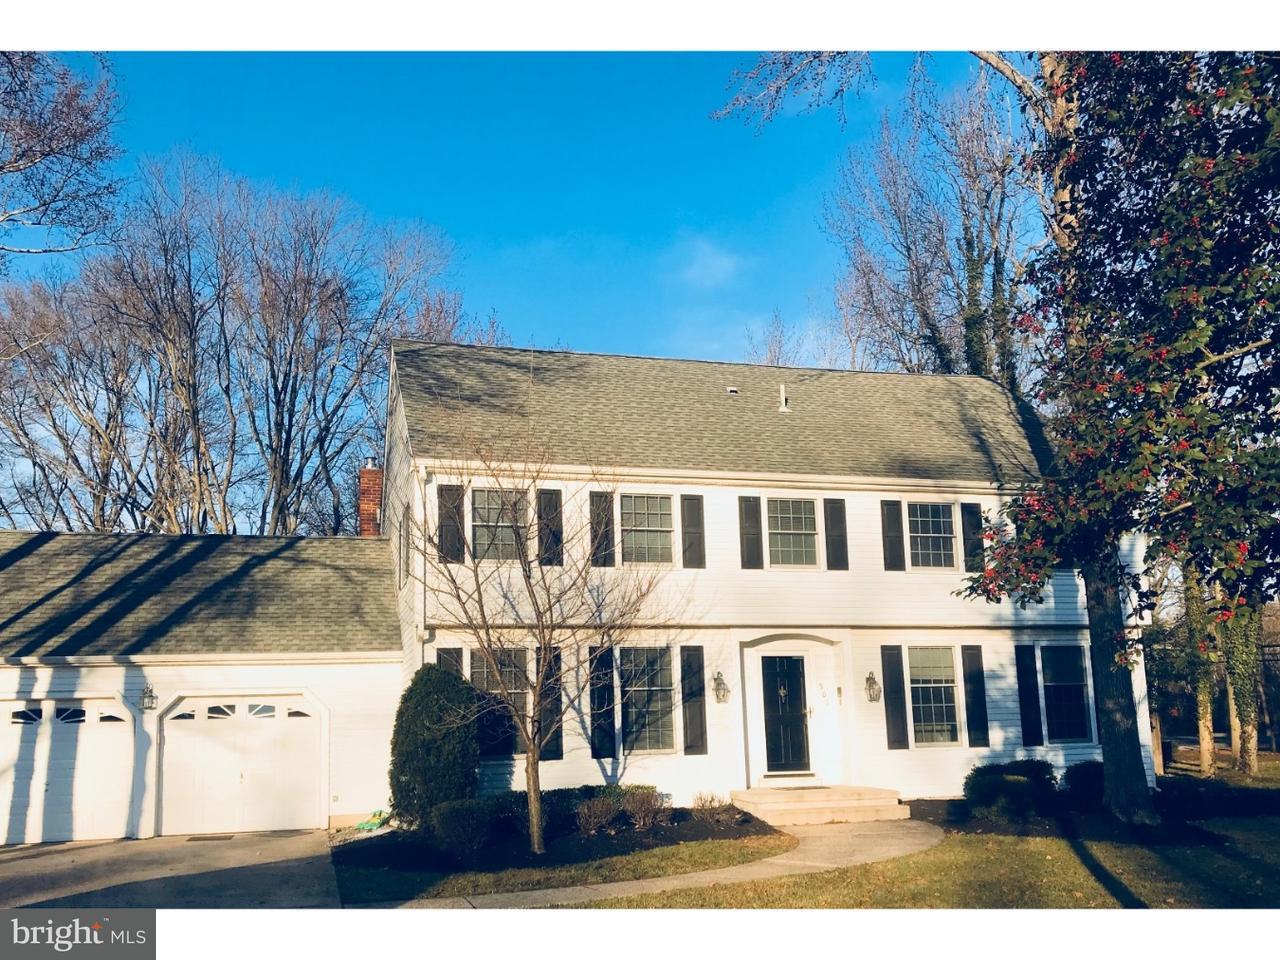 Частный односемейный дом для того Продажа на 301 TAVISTOCK Drive Medford Township, Нью-Джерси 08055 Соединенные Штаты